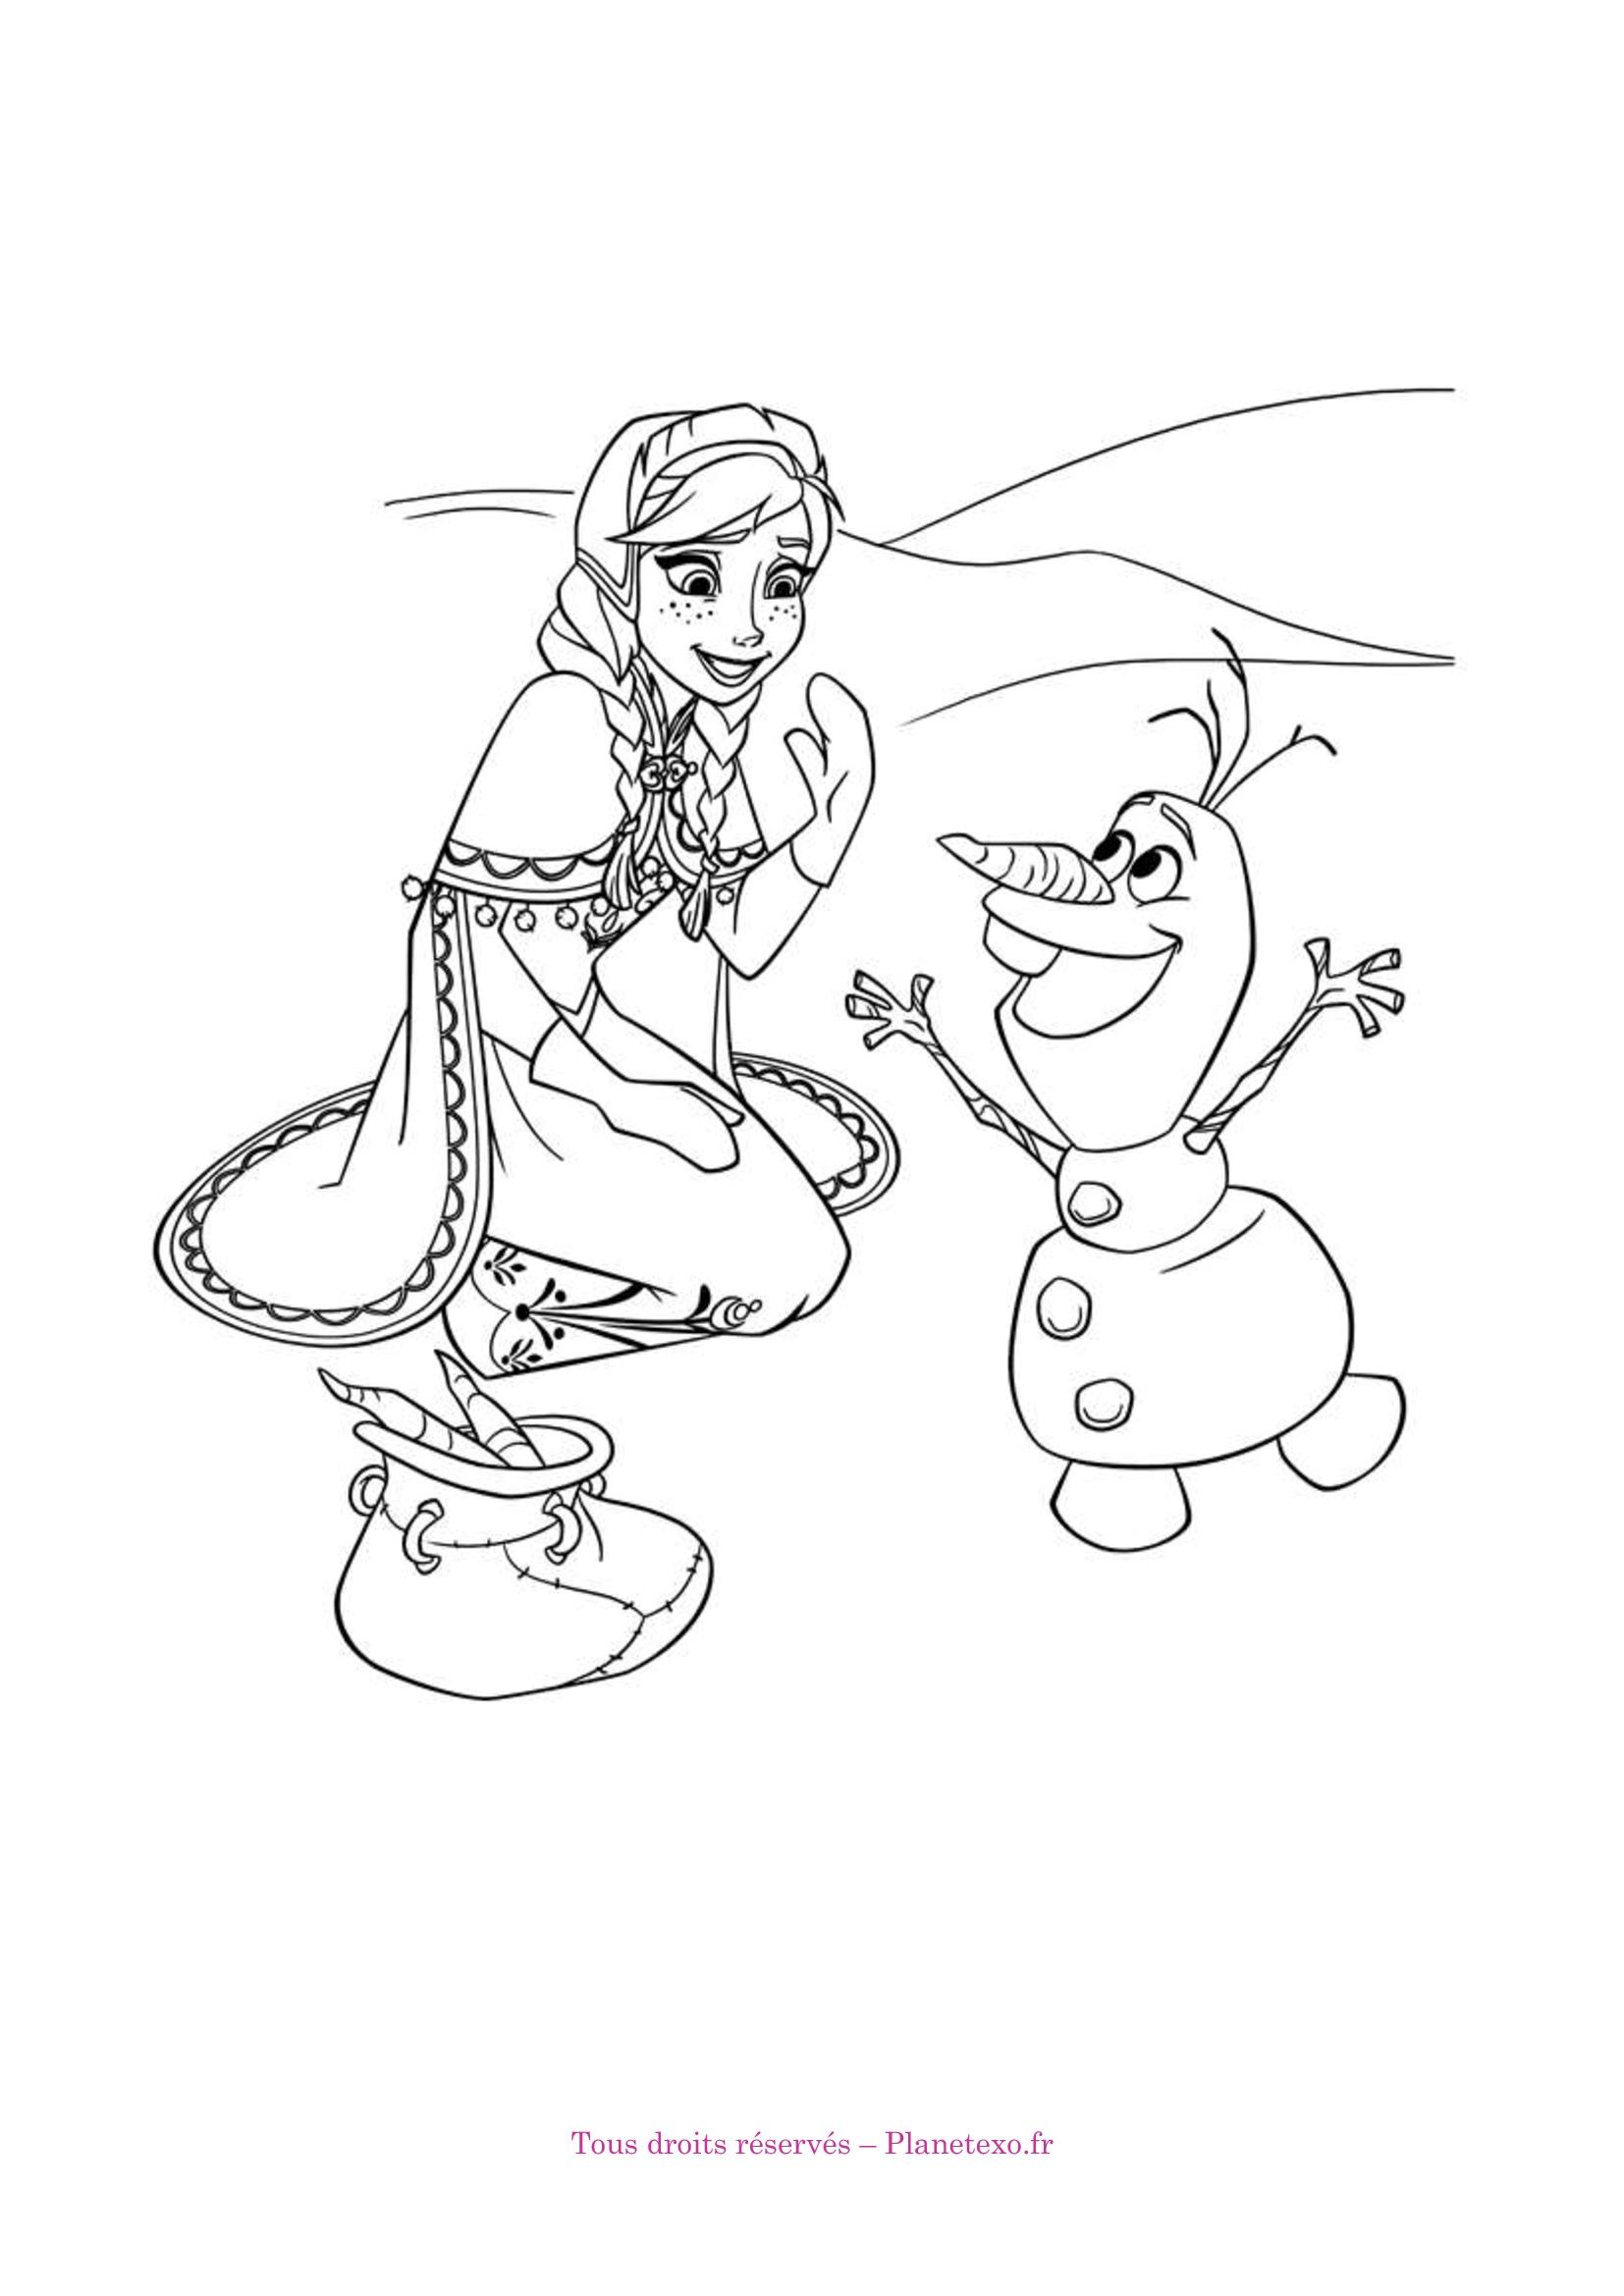 Exercice corrigé pour le Maternelle : Coloriage de la Reine des neiges